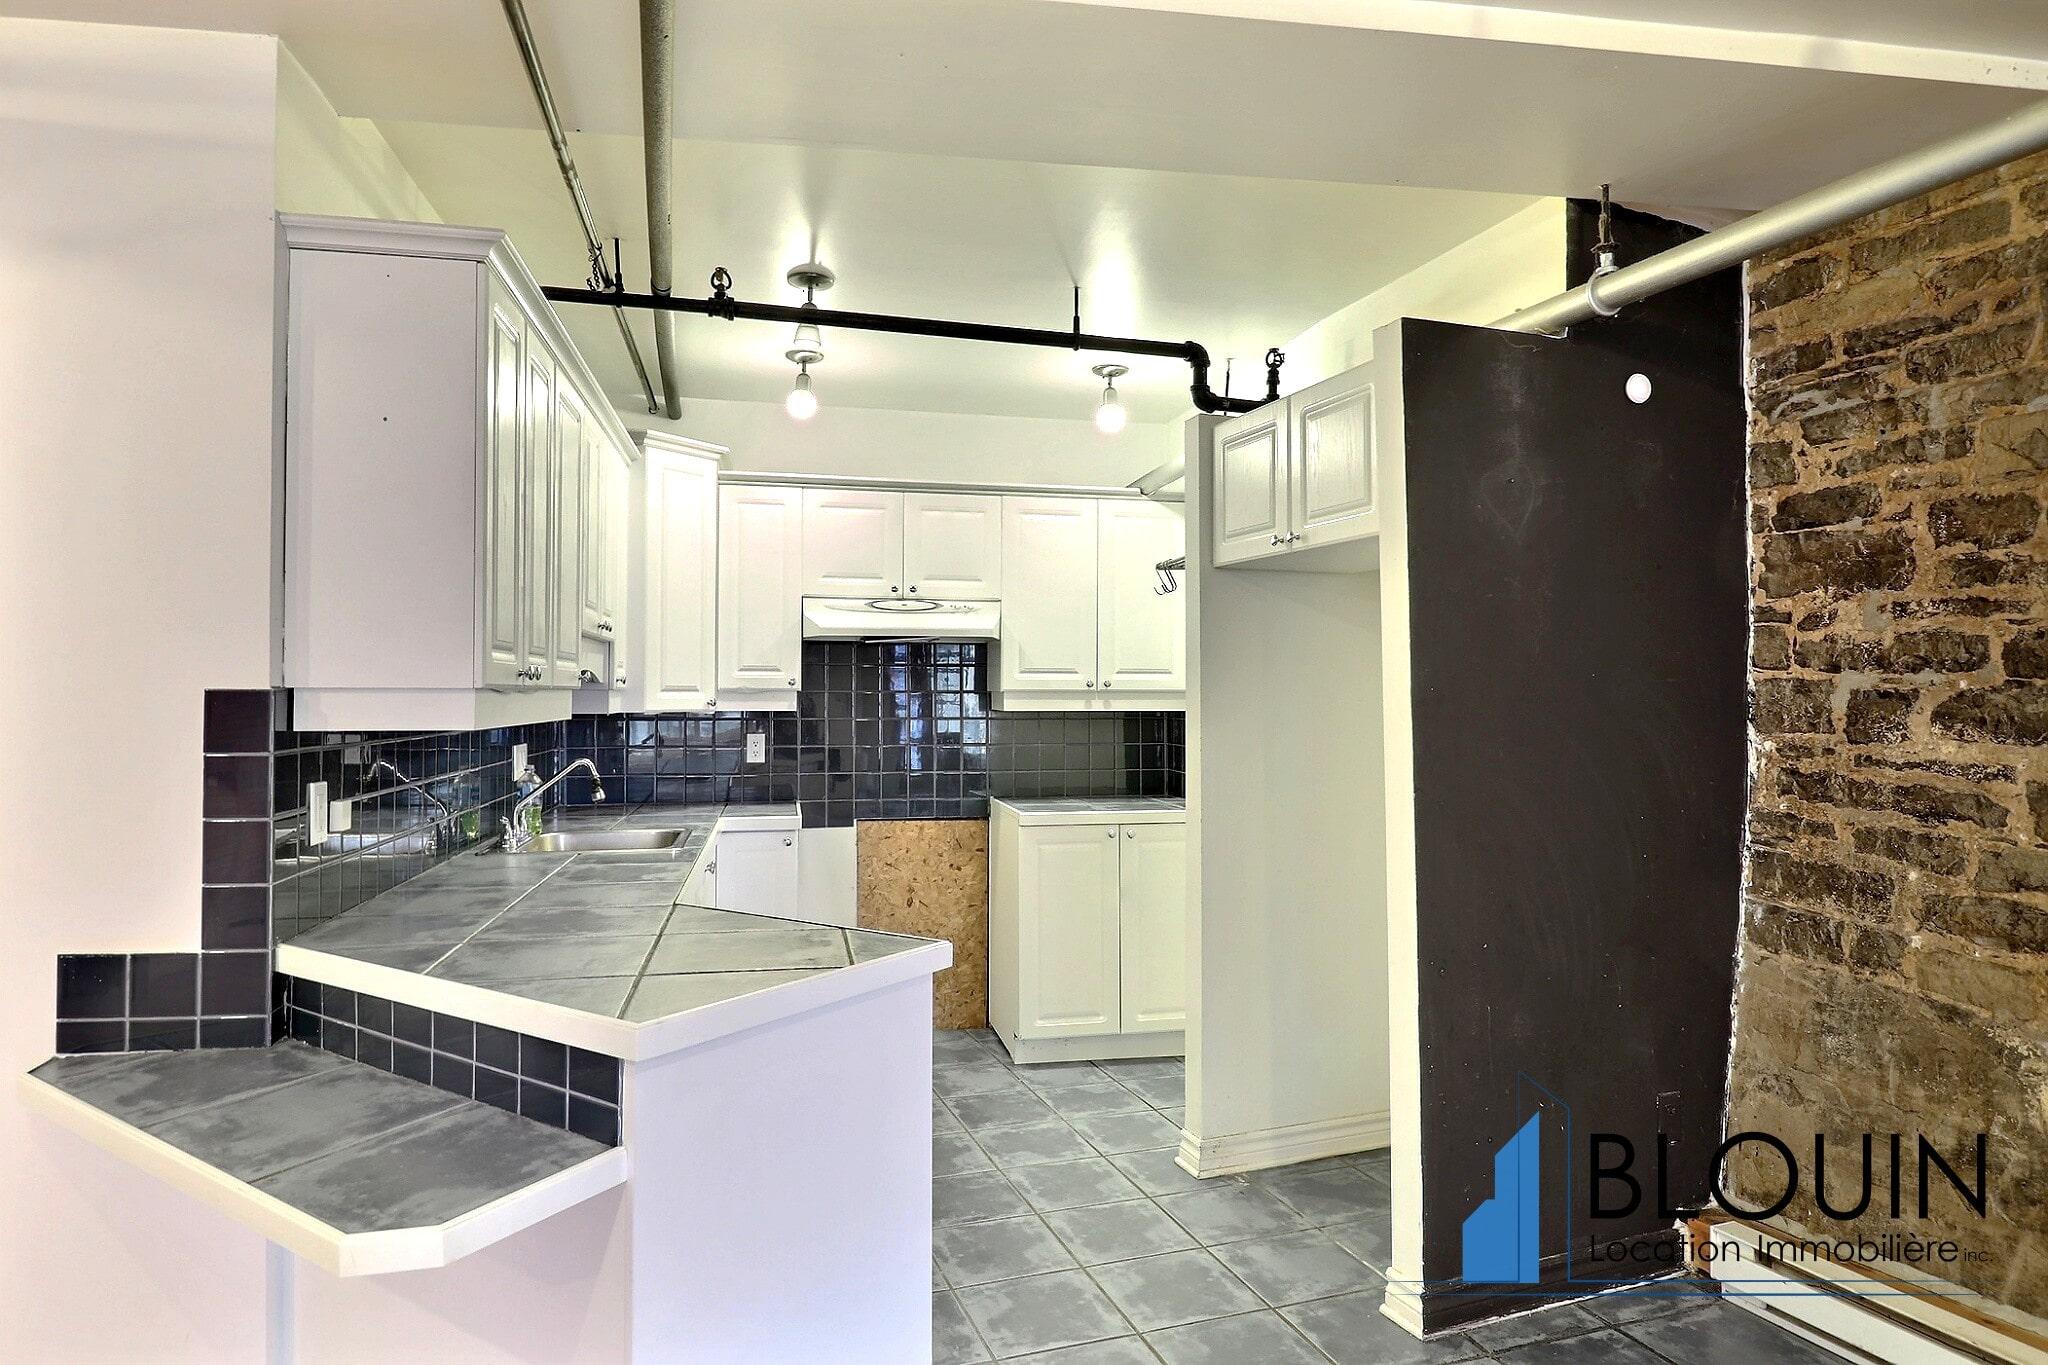 Photo 4 : Grand Loft avec chambre fermée, Vieux-Québec, libre Maintenant, Eau chaude incluse, 1 mois GRATUIT